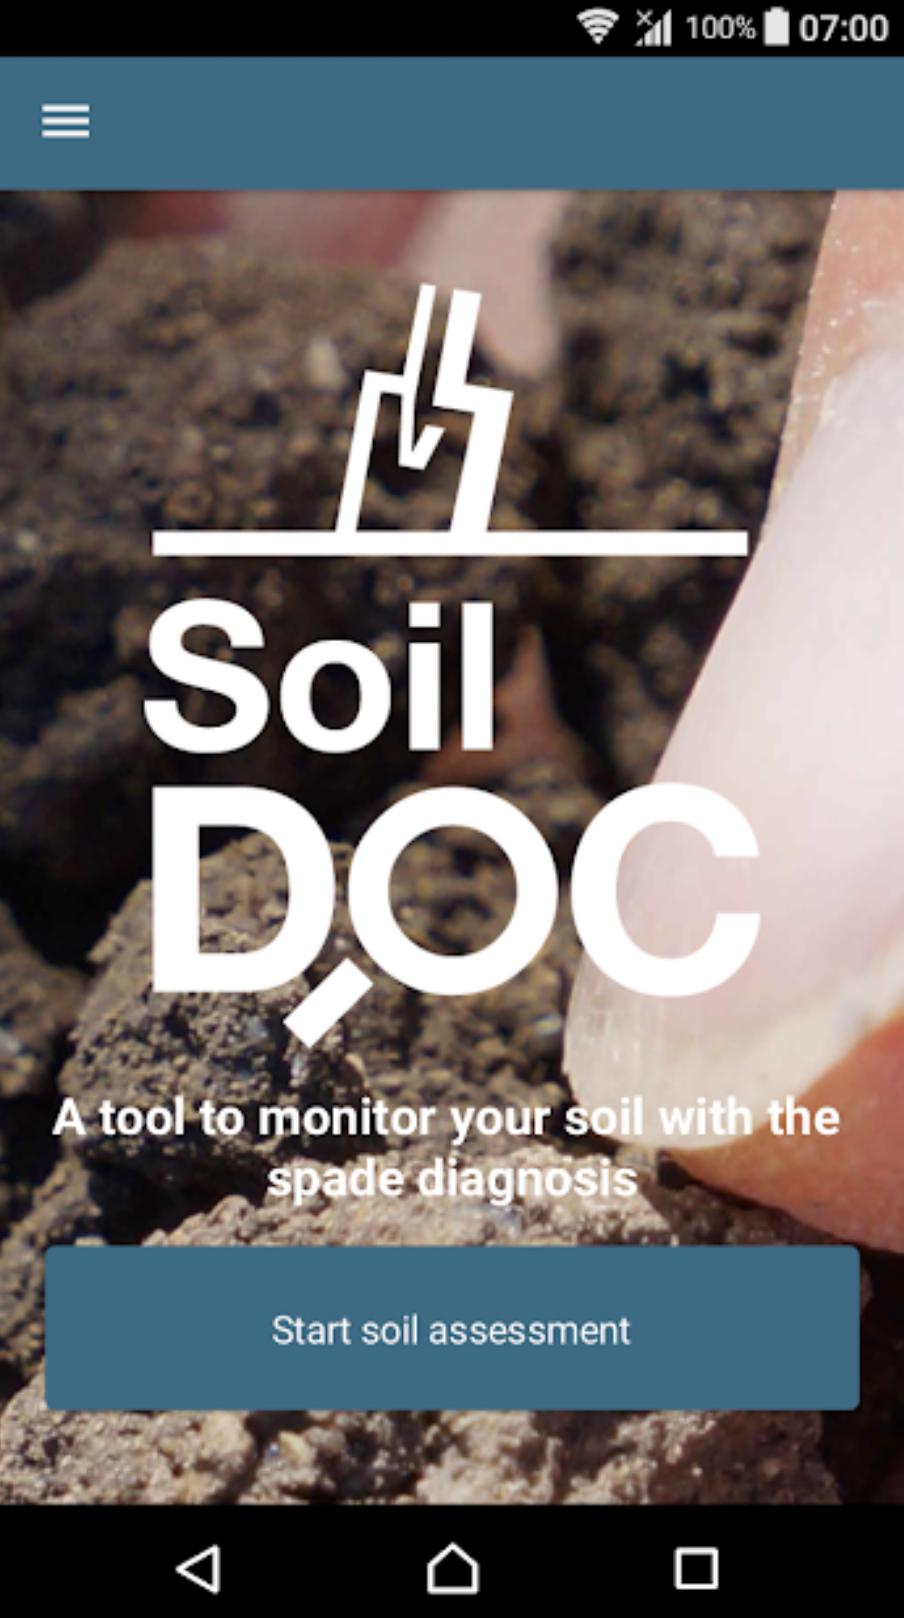 SoilDoc